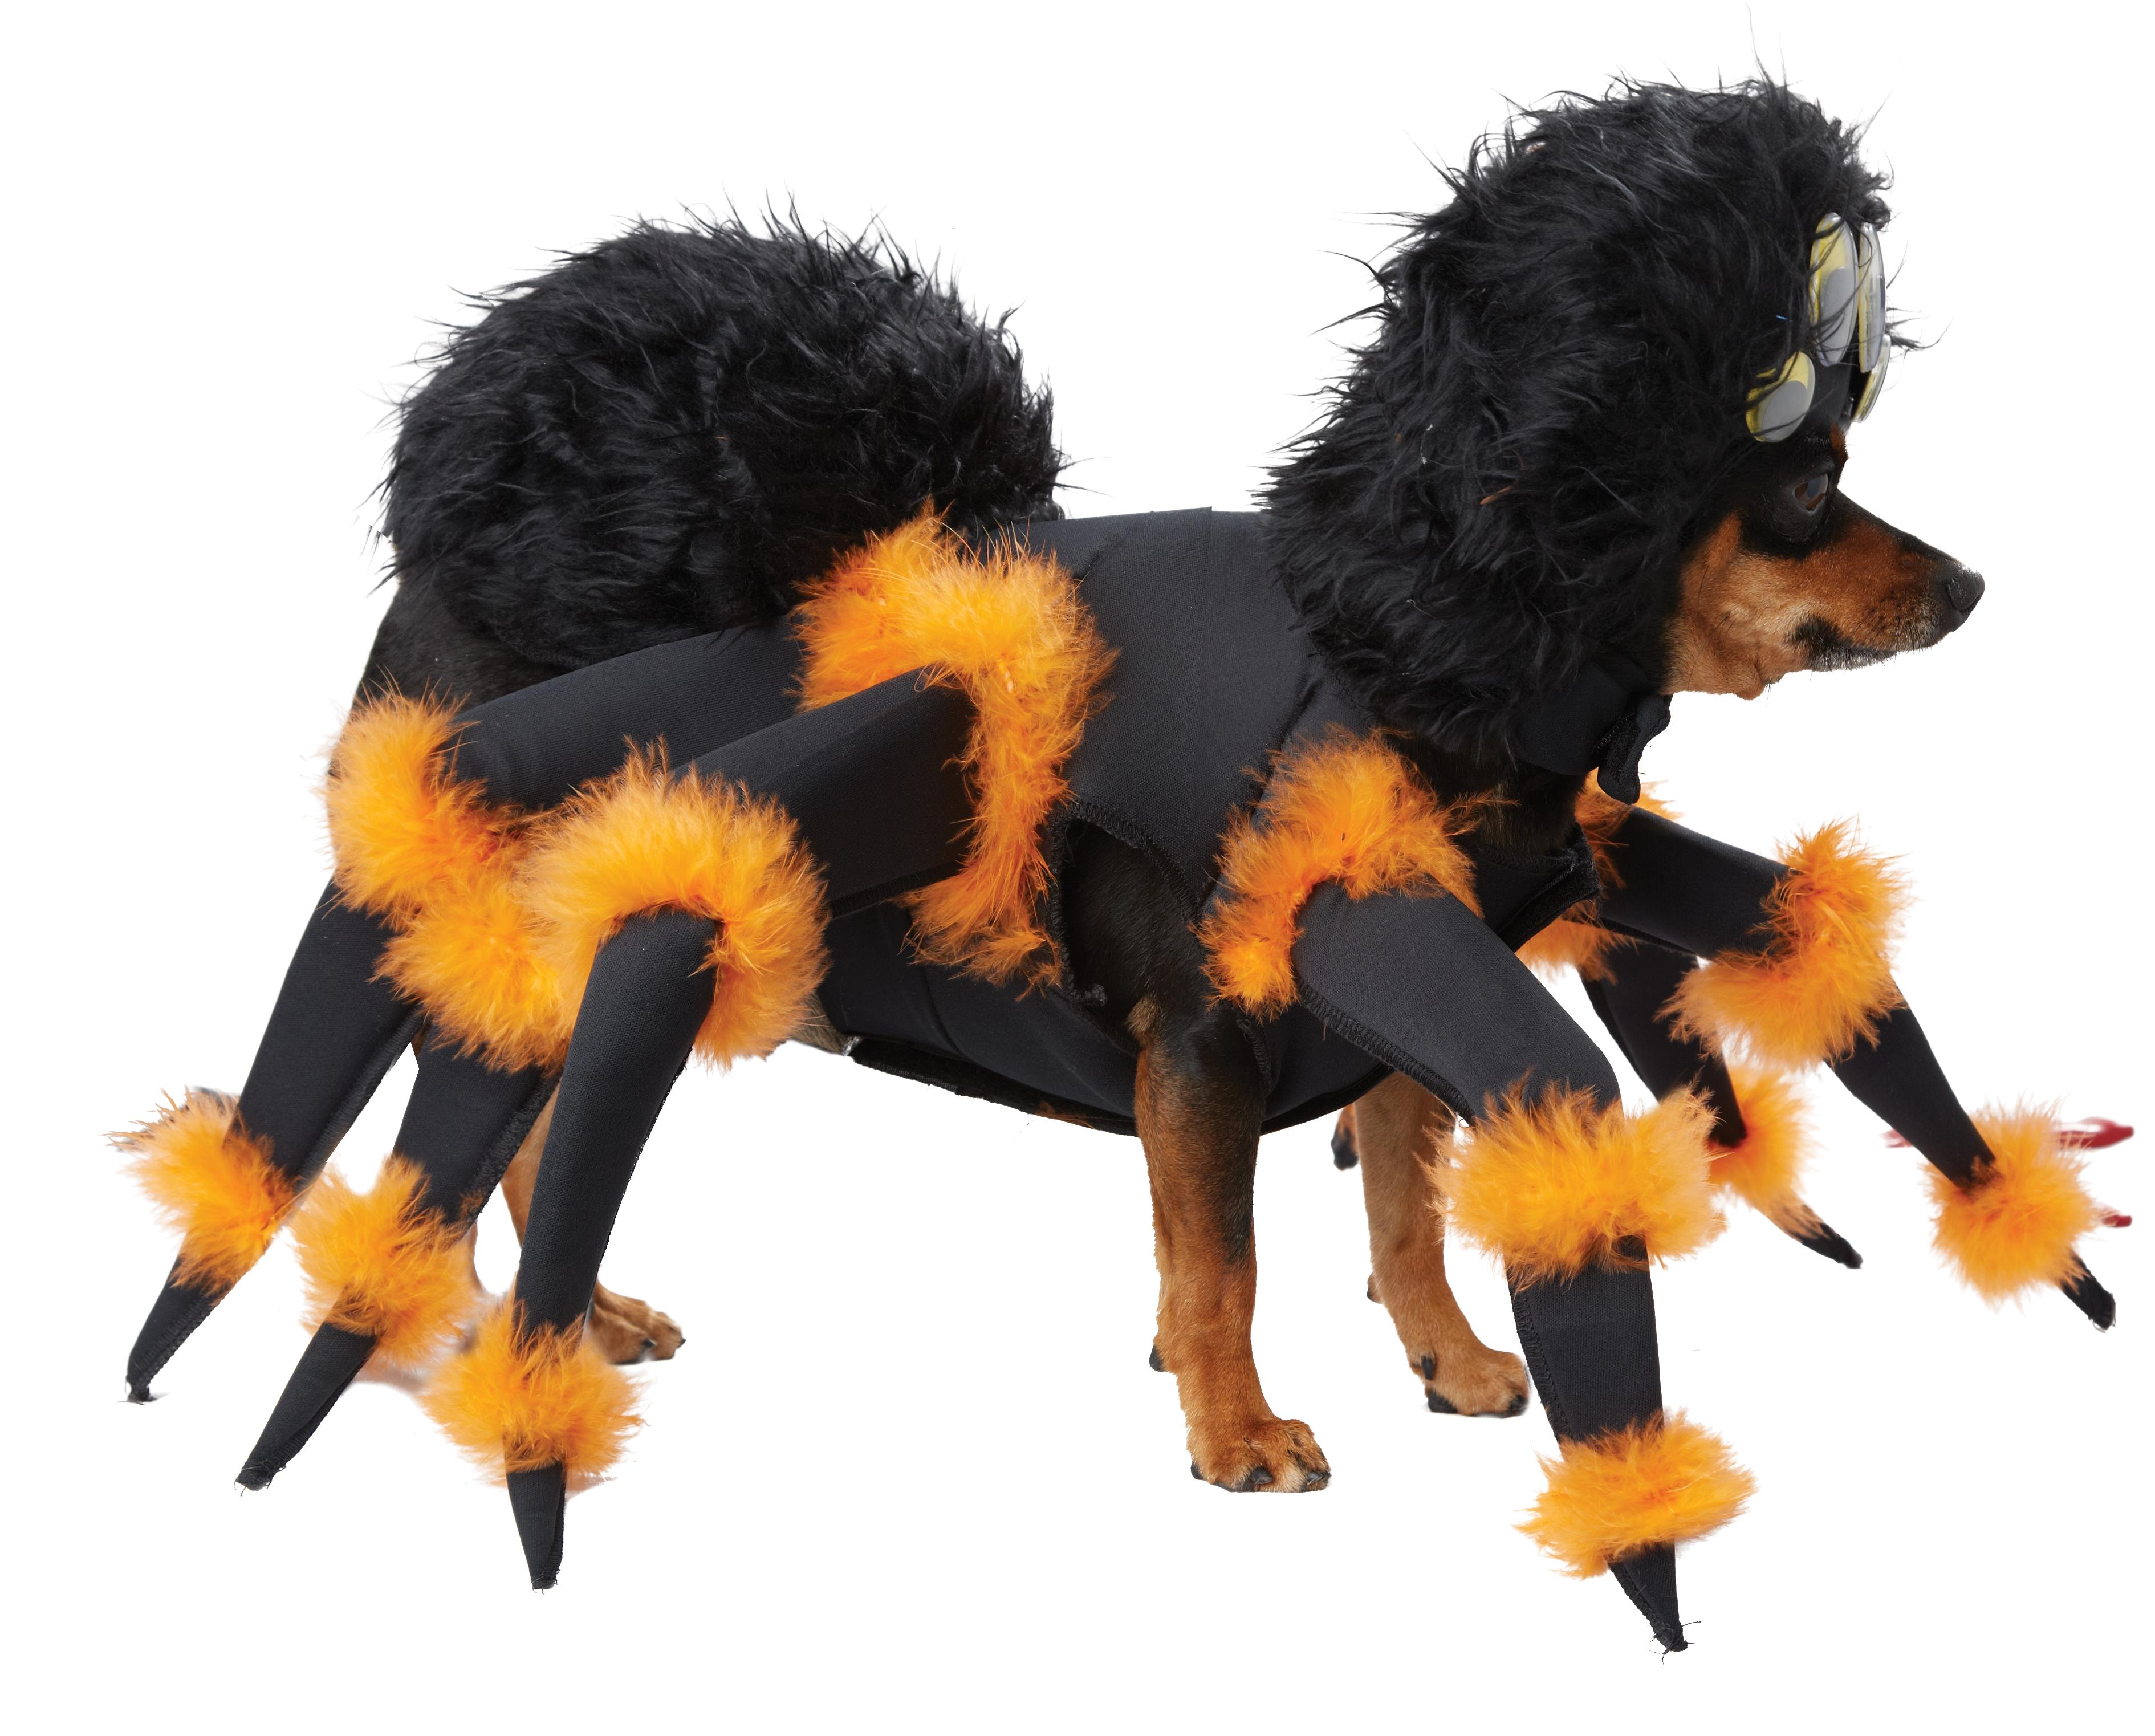 Костюм паука для собаки (Бишон Фризе) от Vkostume